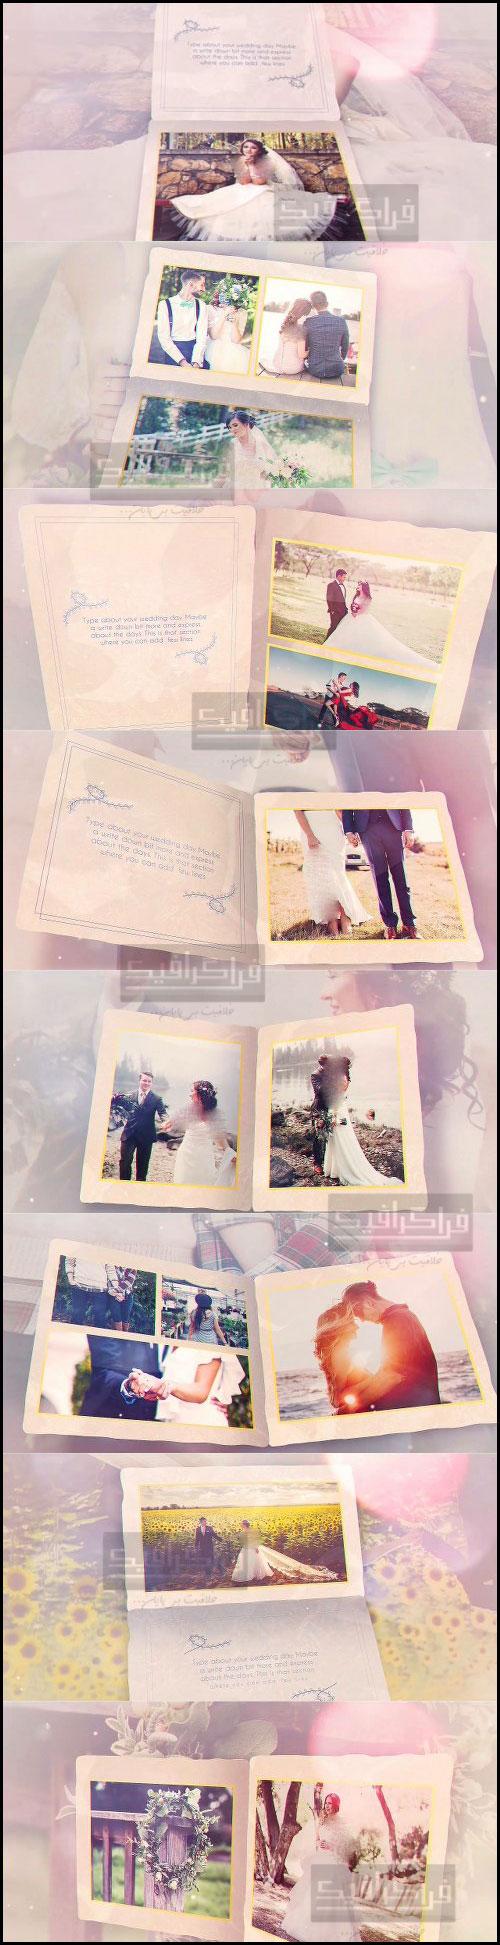 دانلود پروژه افتر افکت آلبوم عکس عروسی - شماره 2